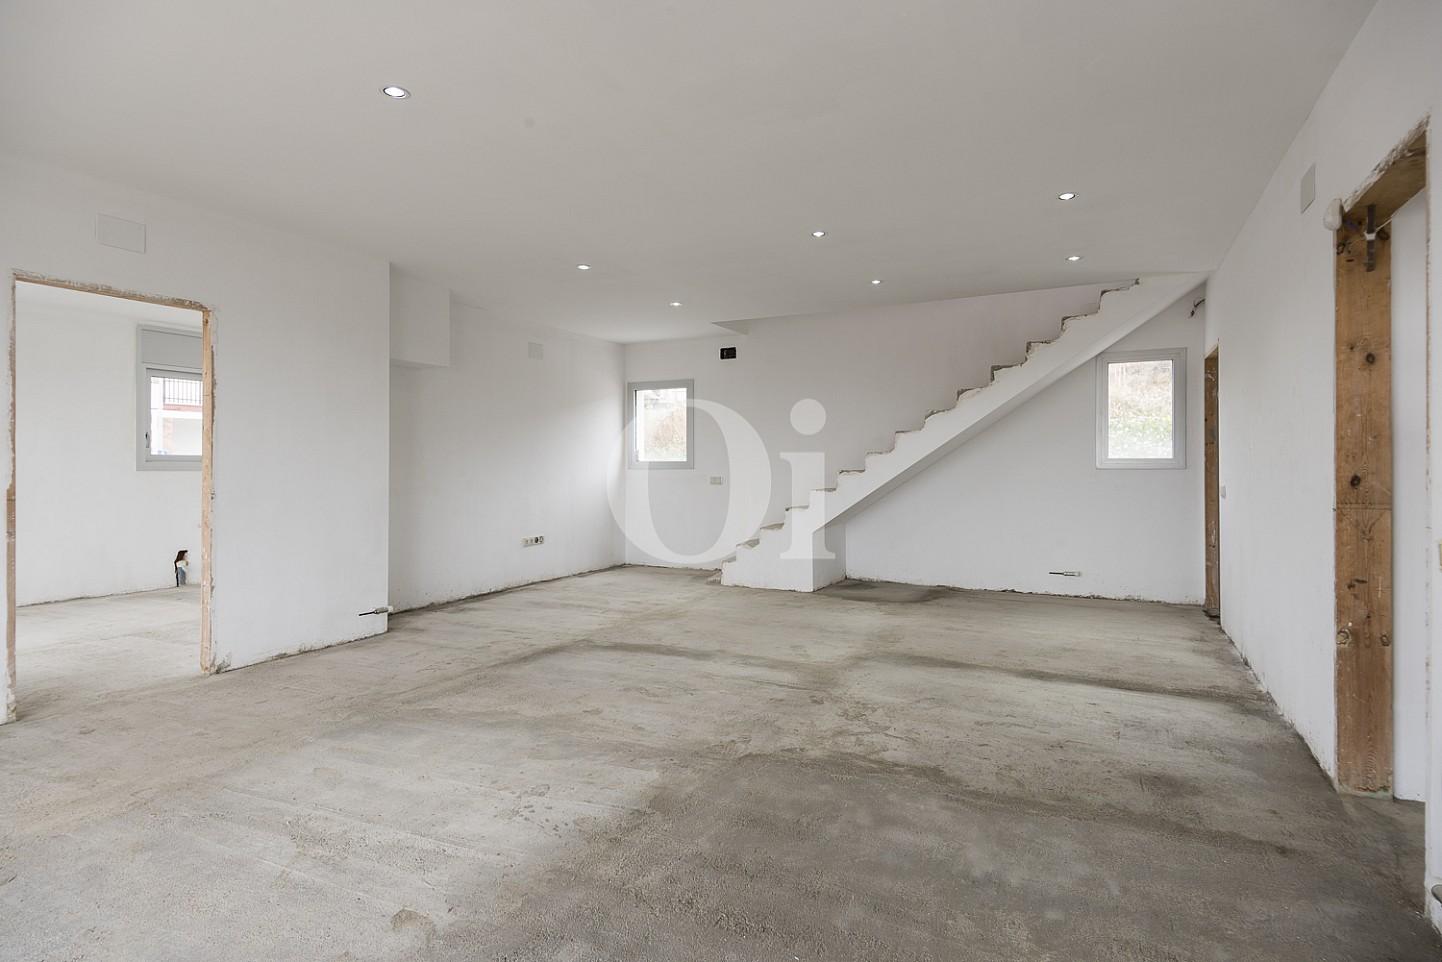 Zona de día con acceso al piso superior